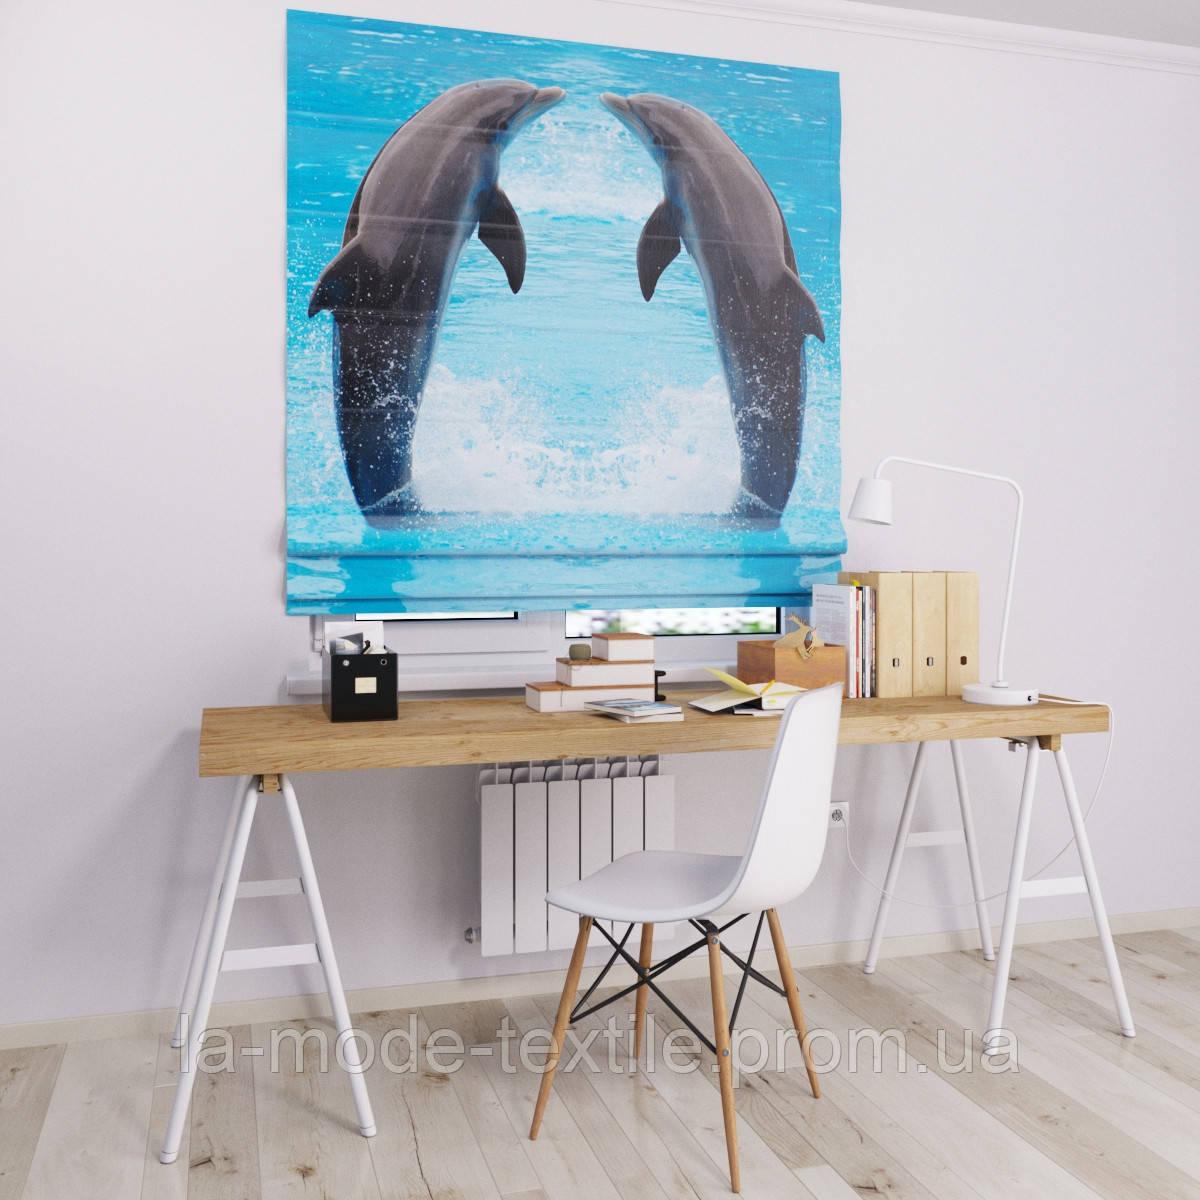 Римская штора с фотопечатью Дельфины